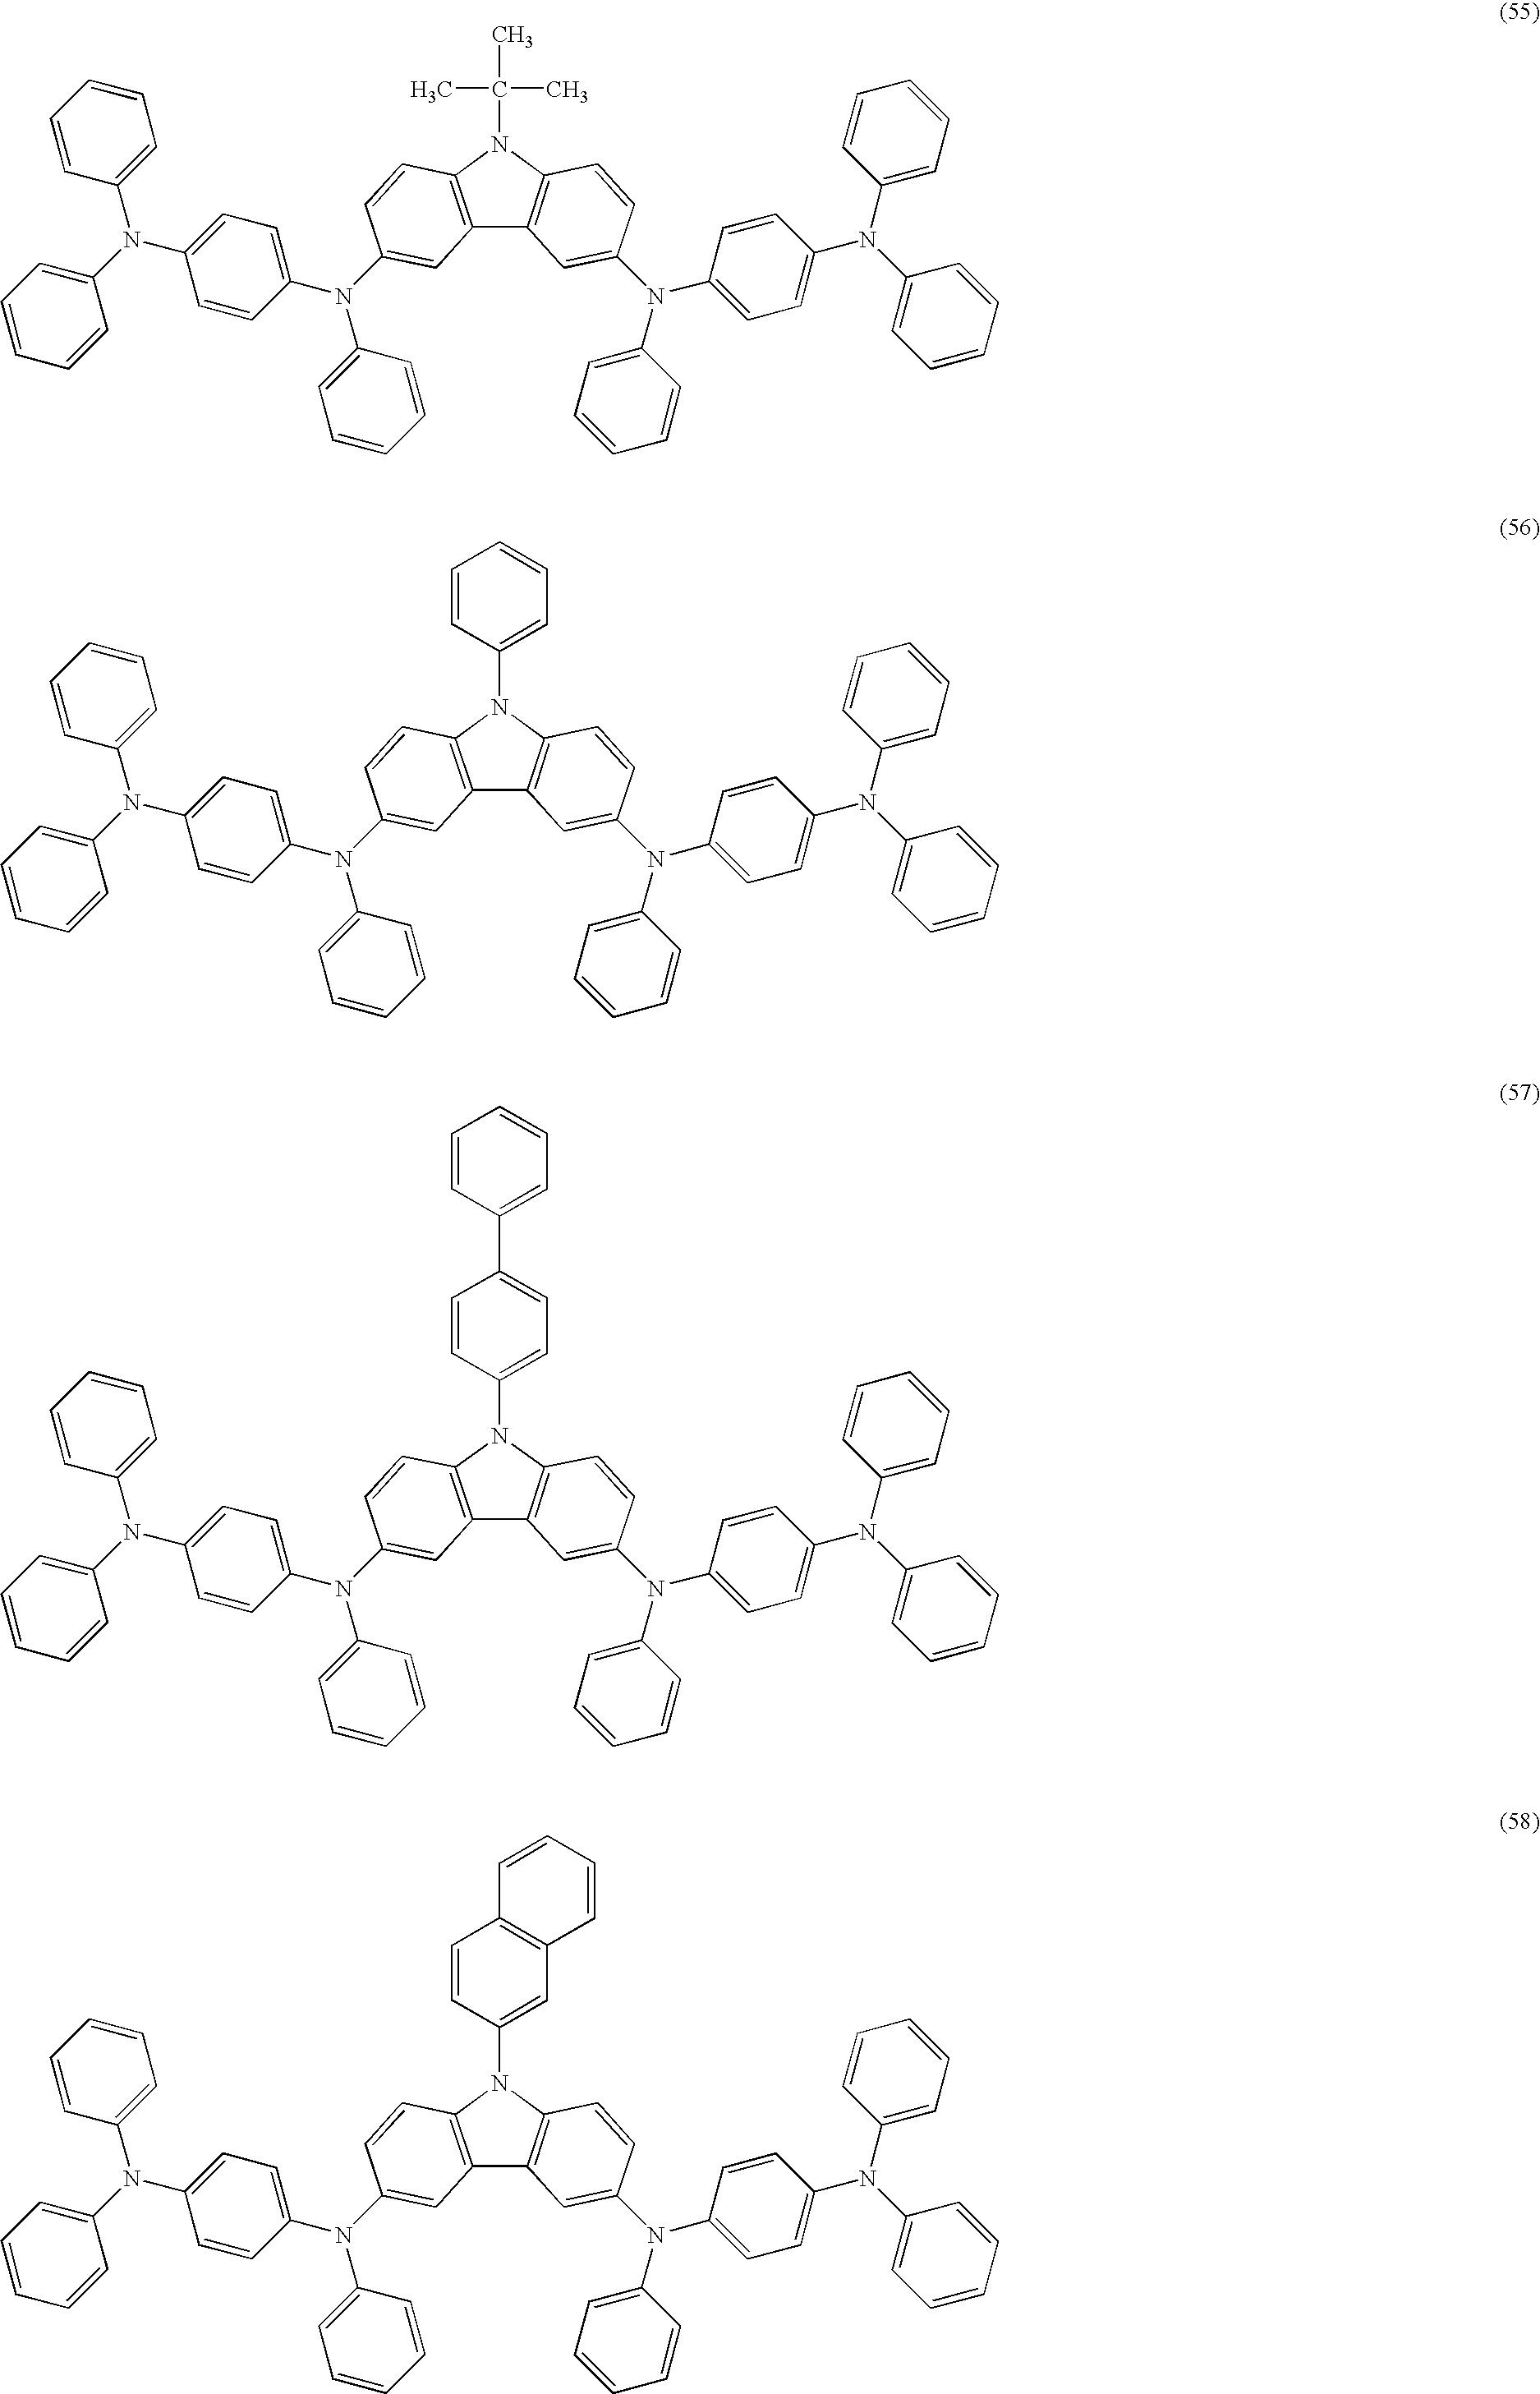 Figure US20090058267A1-20090305-C00027